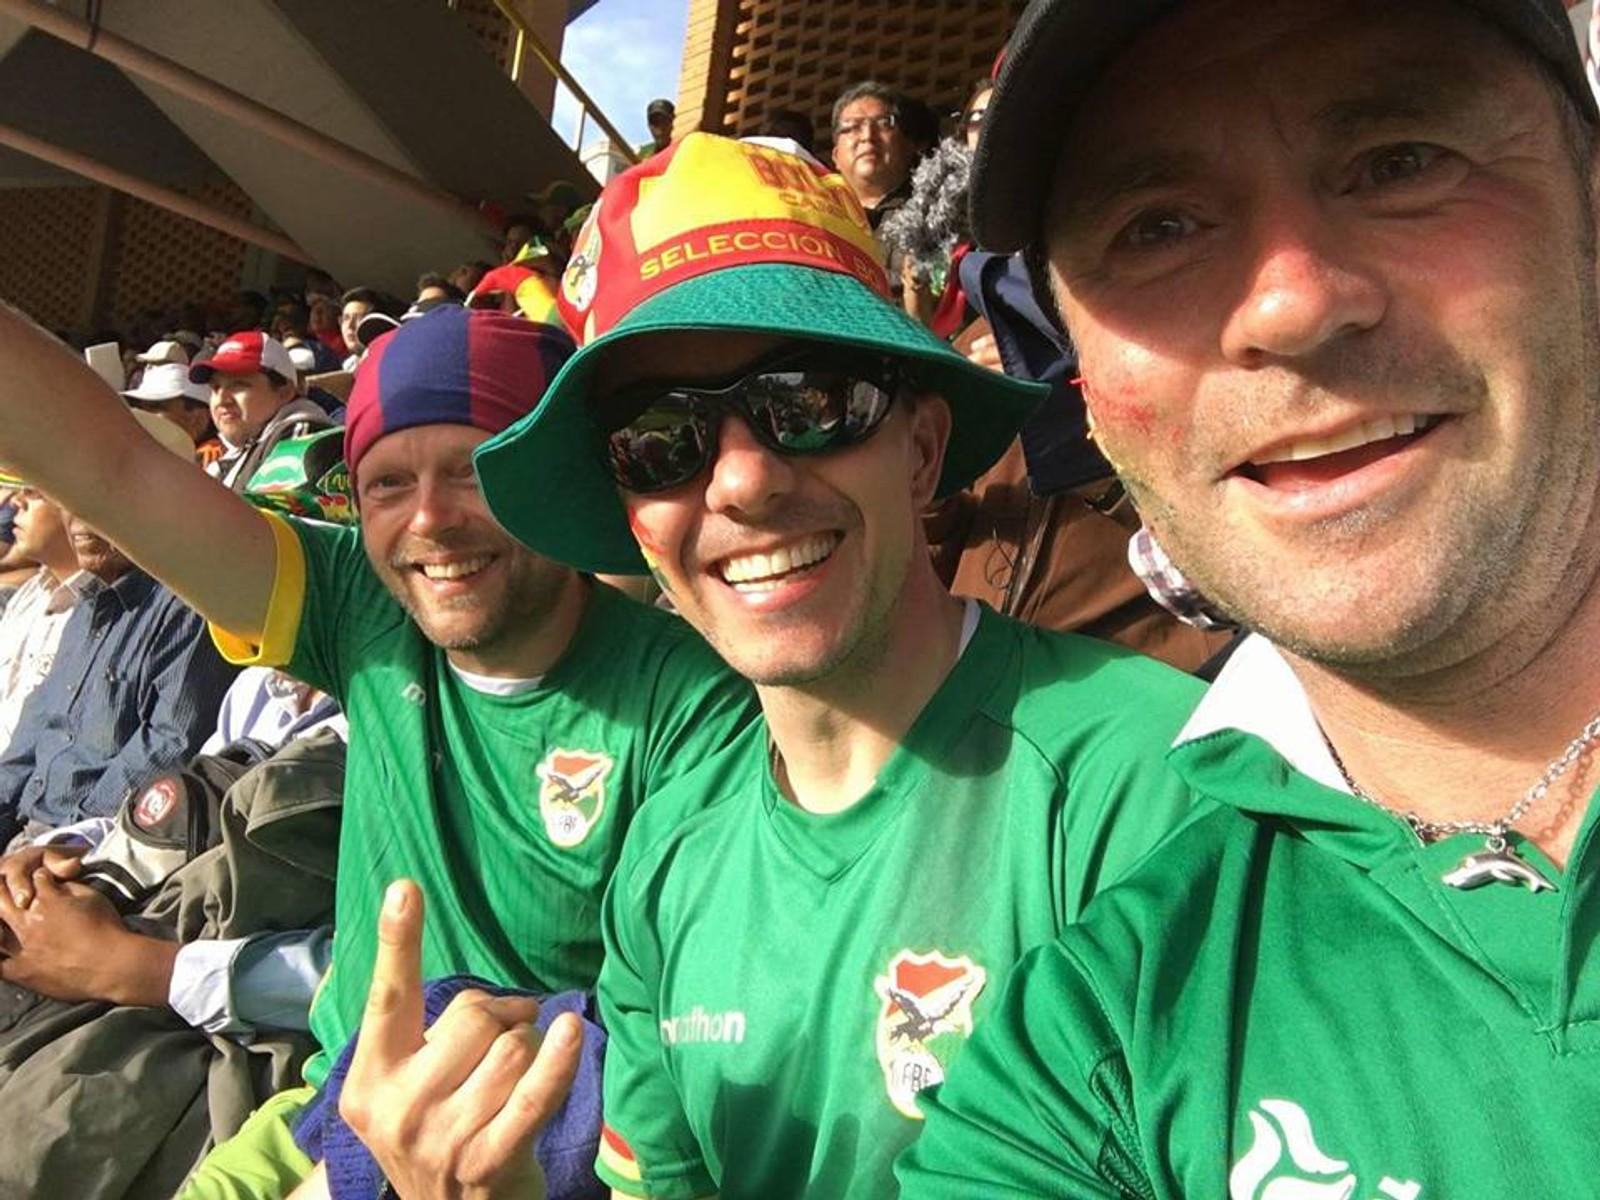 På torsdag var det tilfeldigvis VM-kvalifiseringskamp i fotball mellom Bolivia og Colombia. Her sitter en norsk gjeng på tribunen.